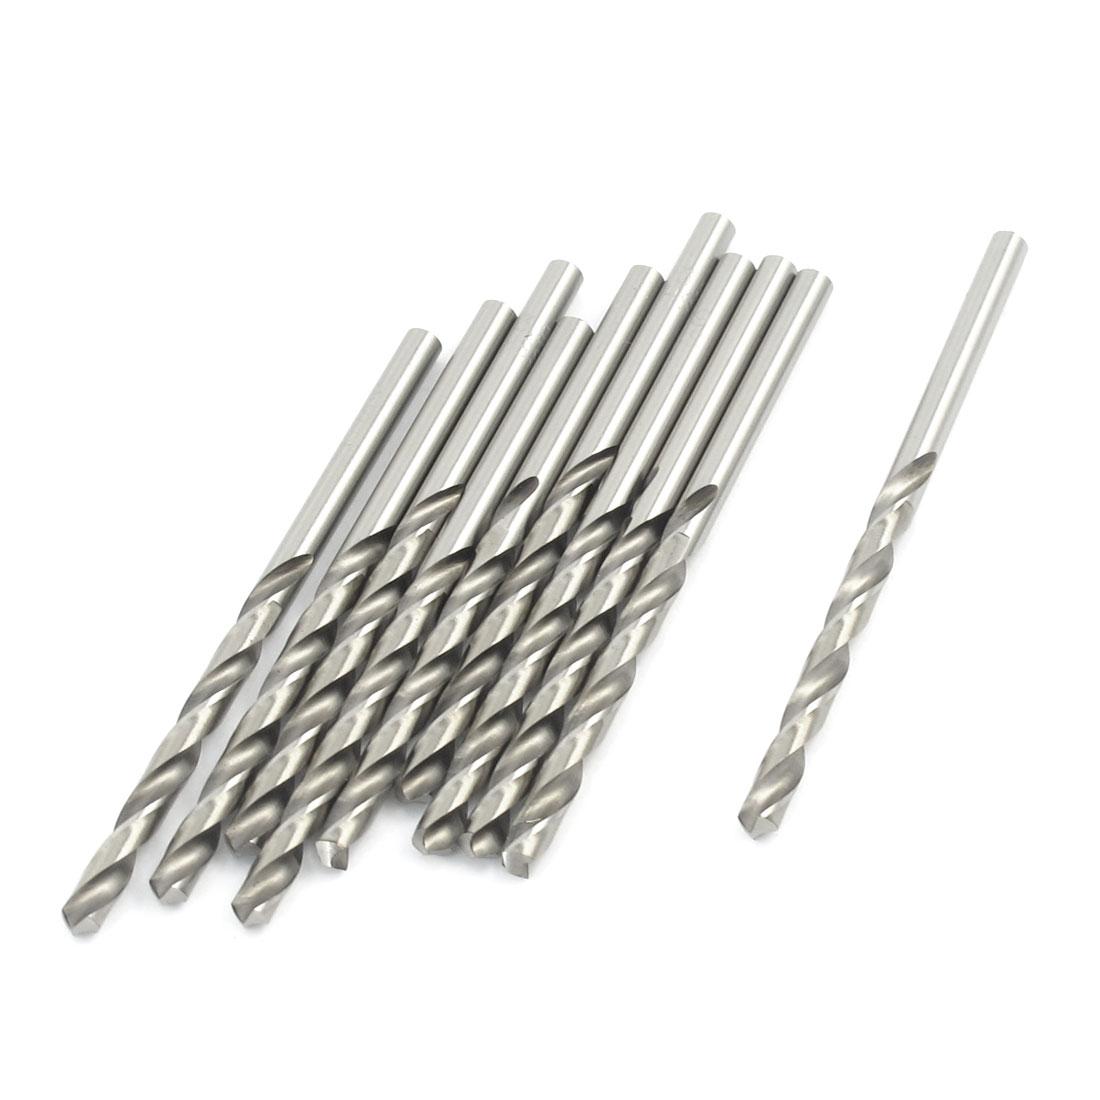 10 Pcs Straight Shank Cutting End Mills Twist Drill Bits 3.9mm Diameter